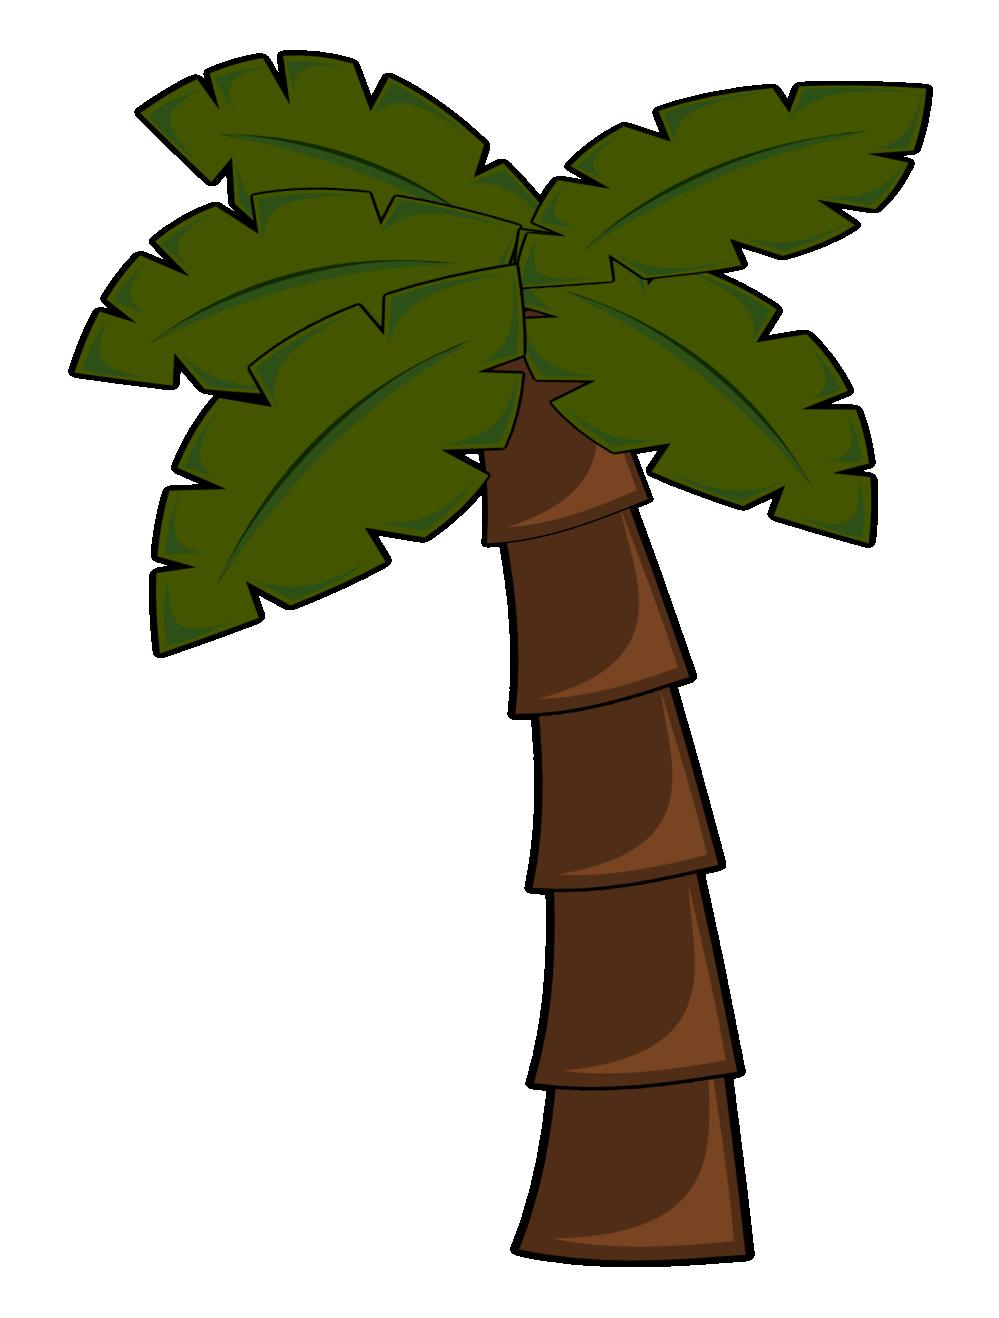 luau palm tree clip art clipart panda free clipart images [ 999 x 1318 Pixel ]